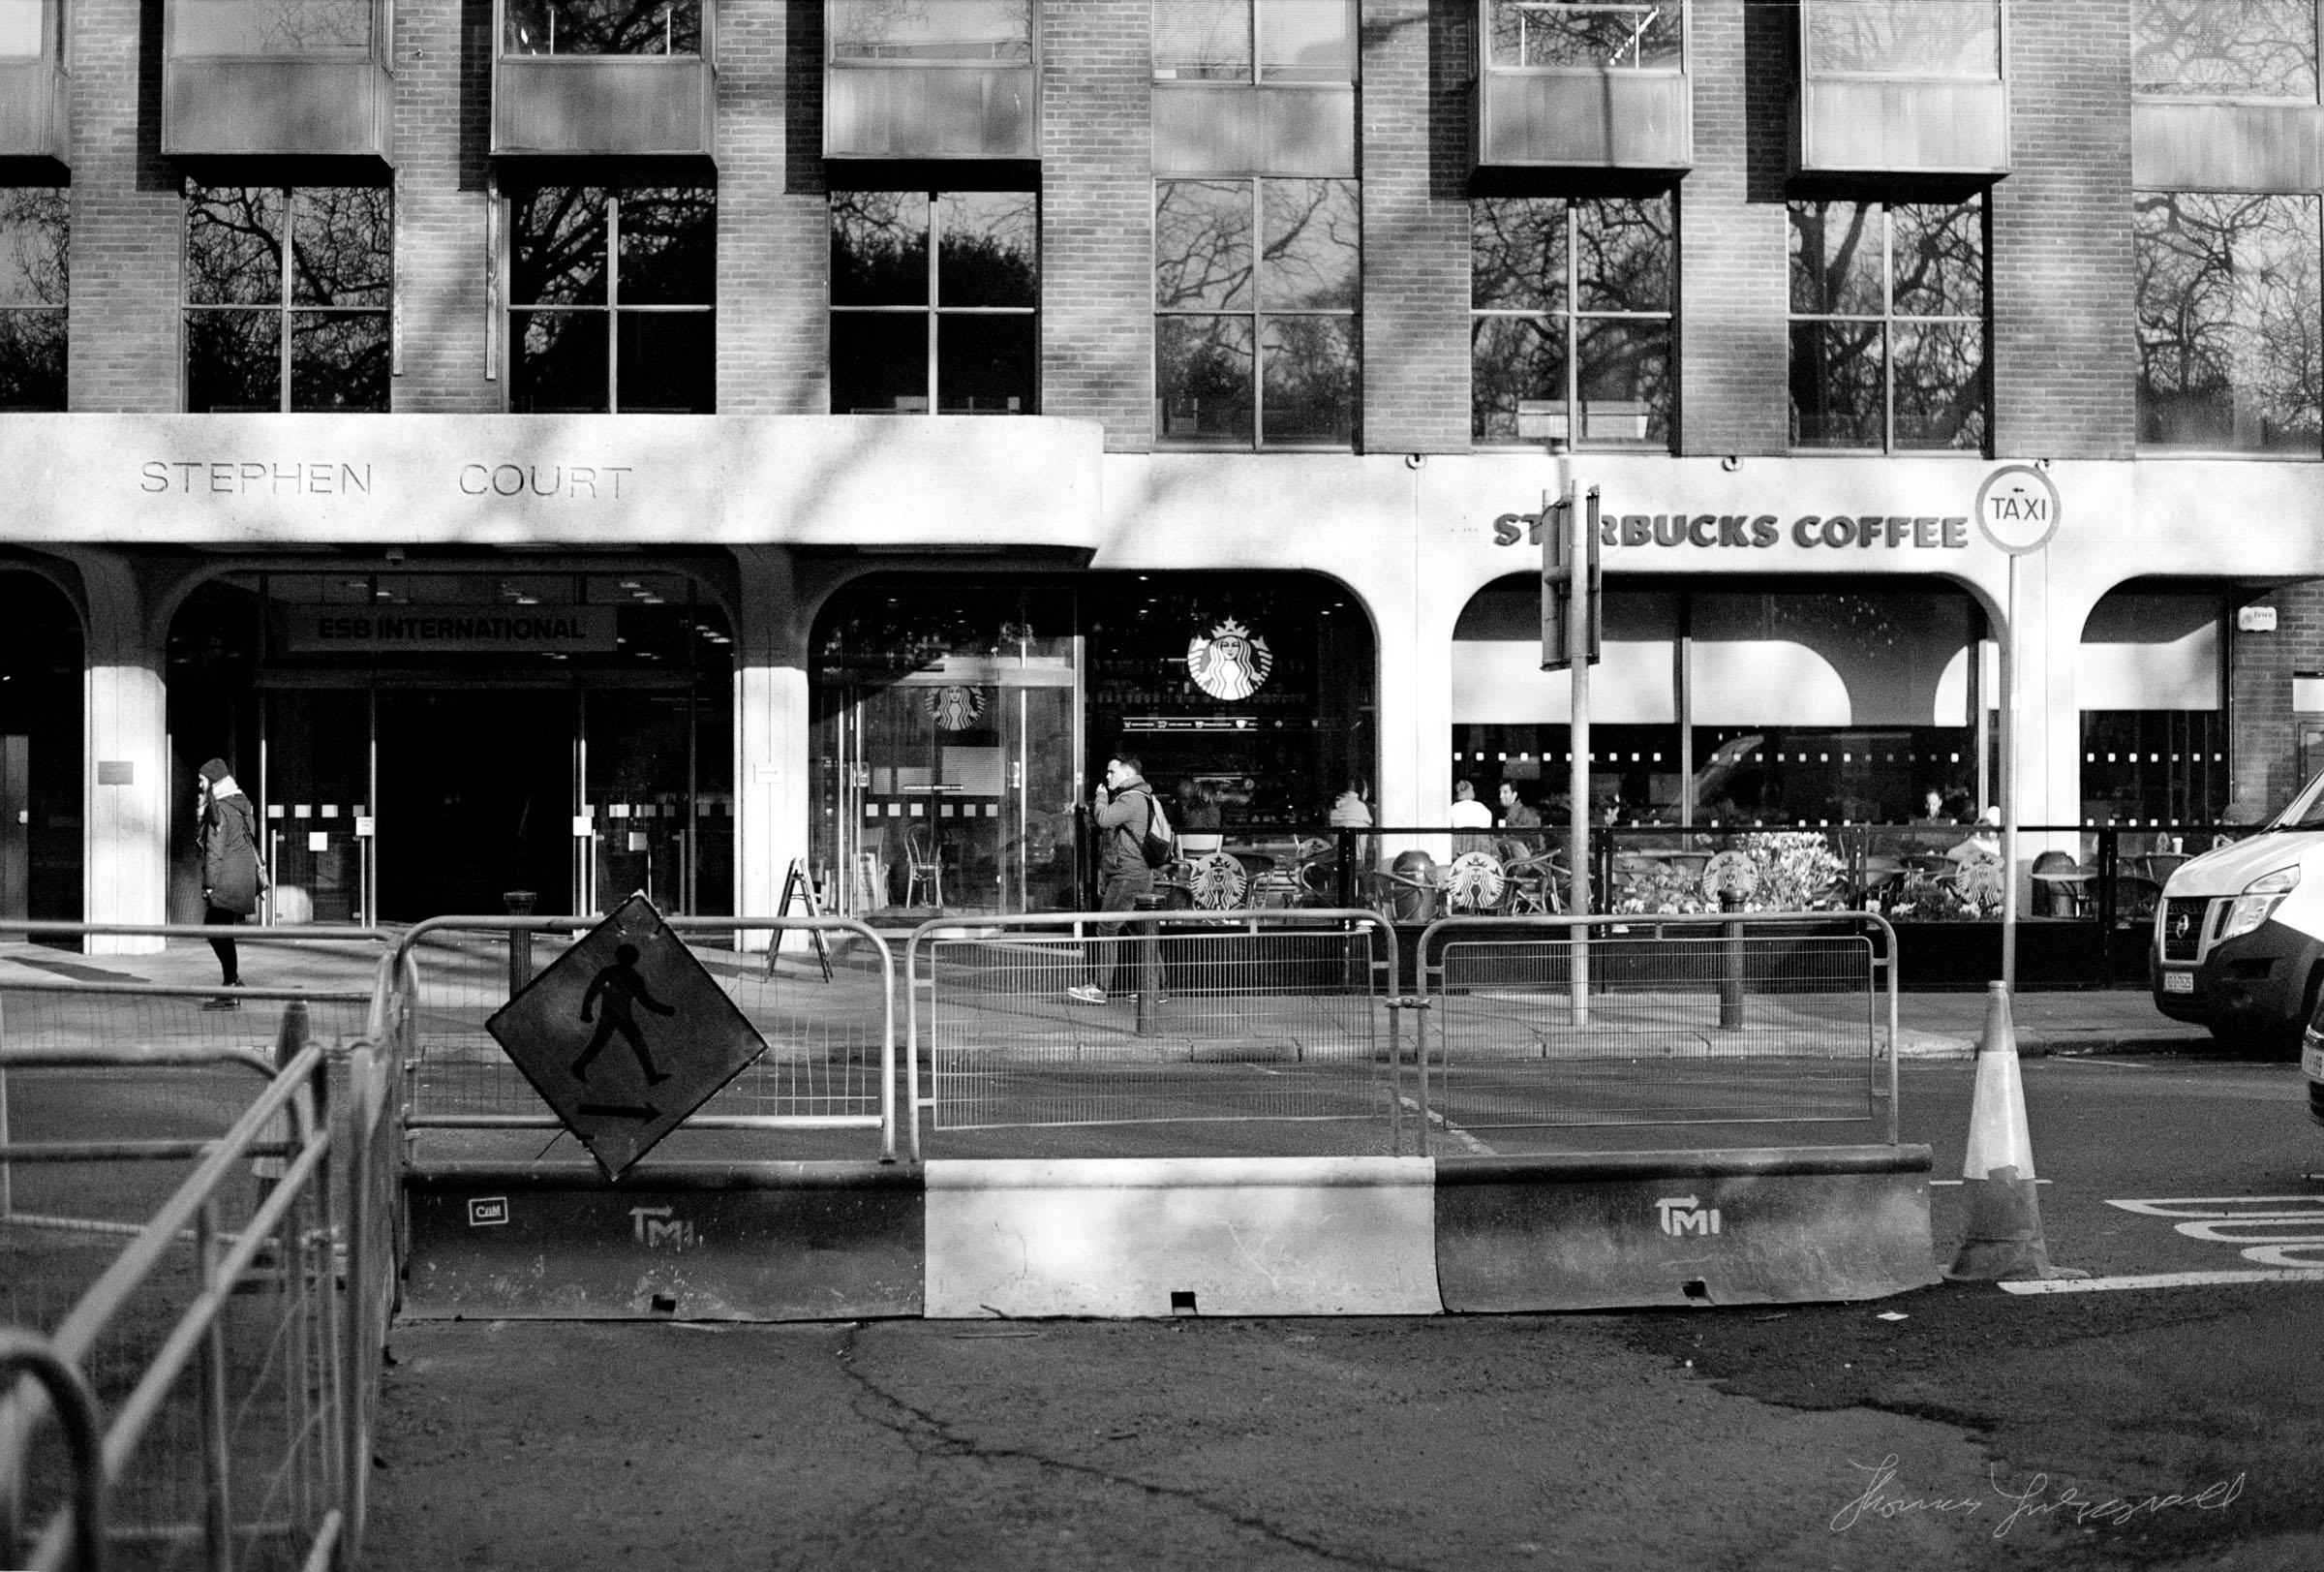 Outside Starbucks on Stephen's Green - Streets of Dublin - Dublin on Film